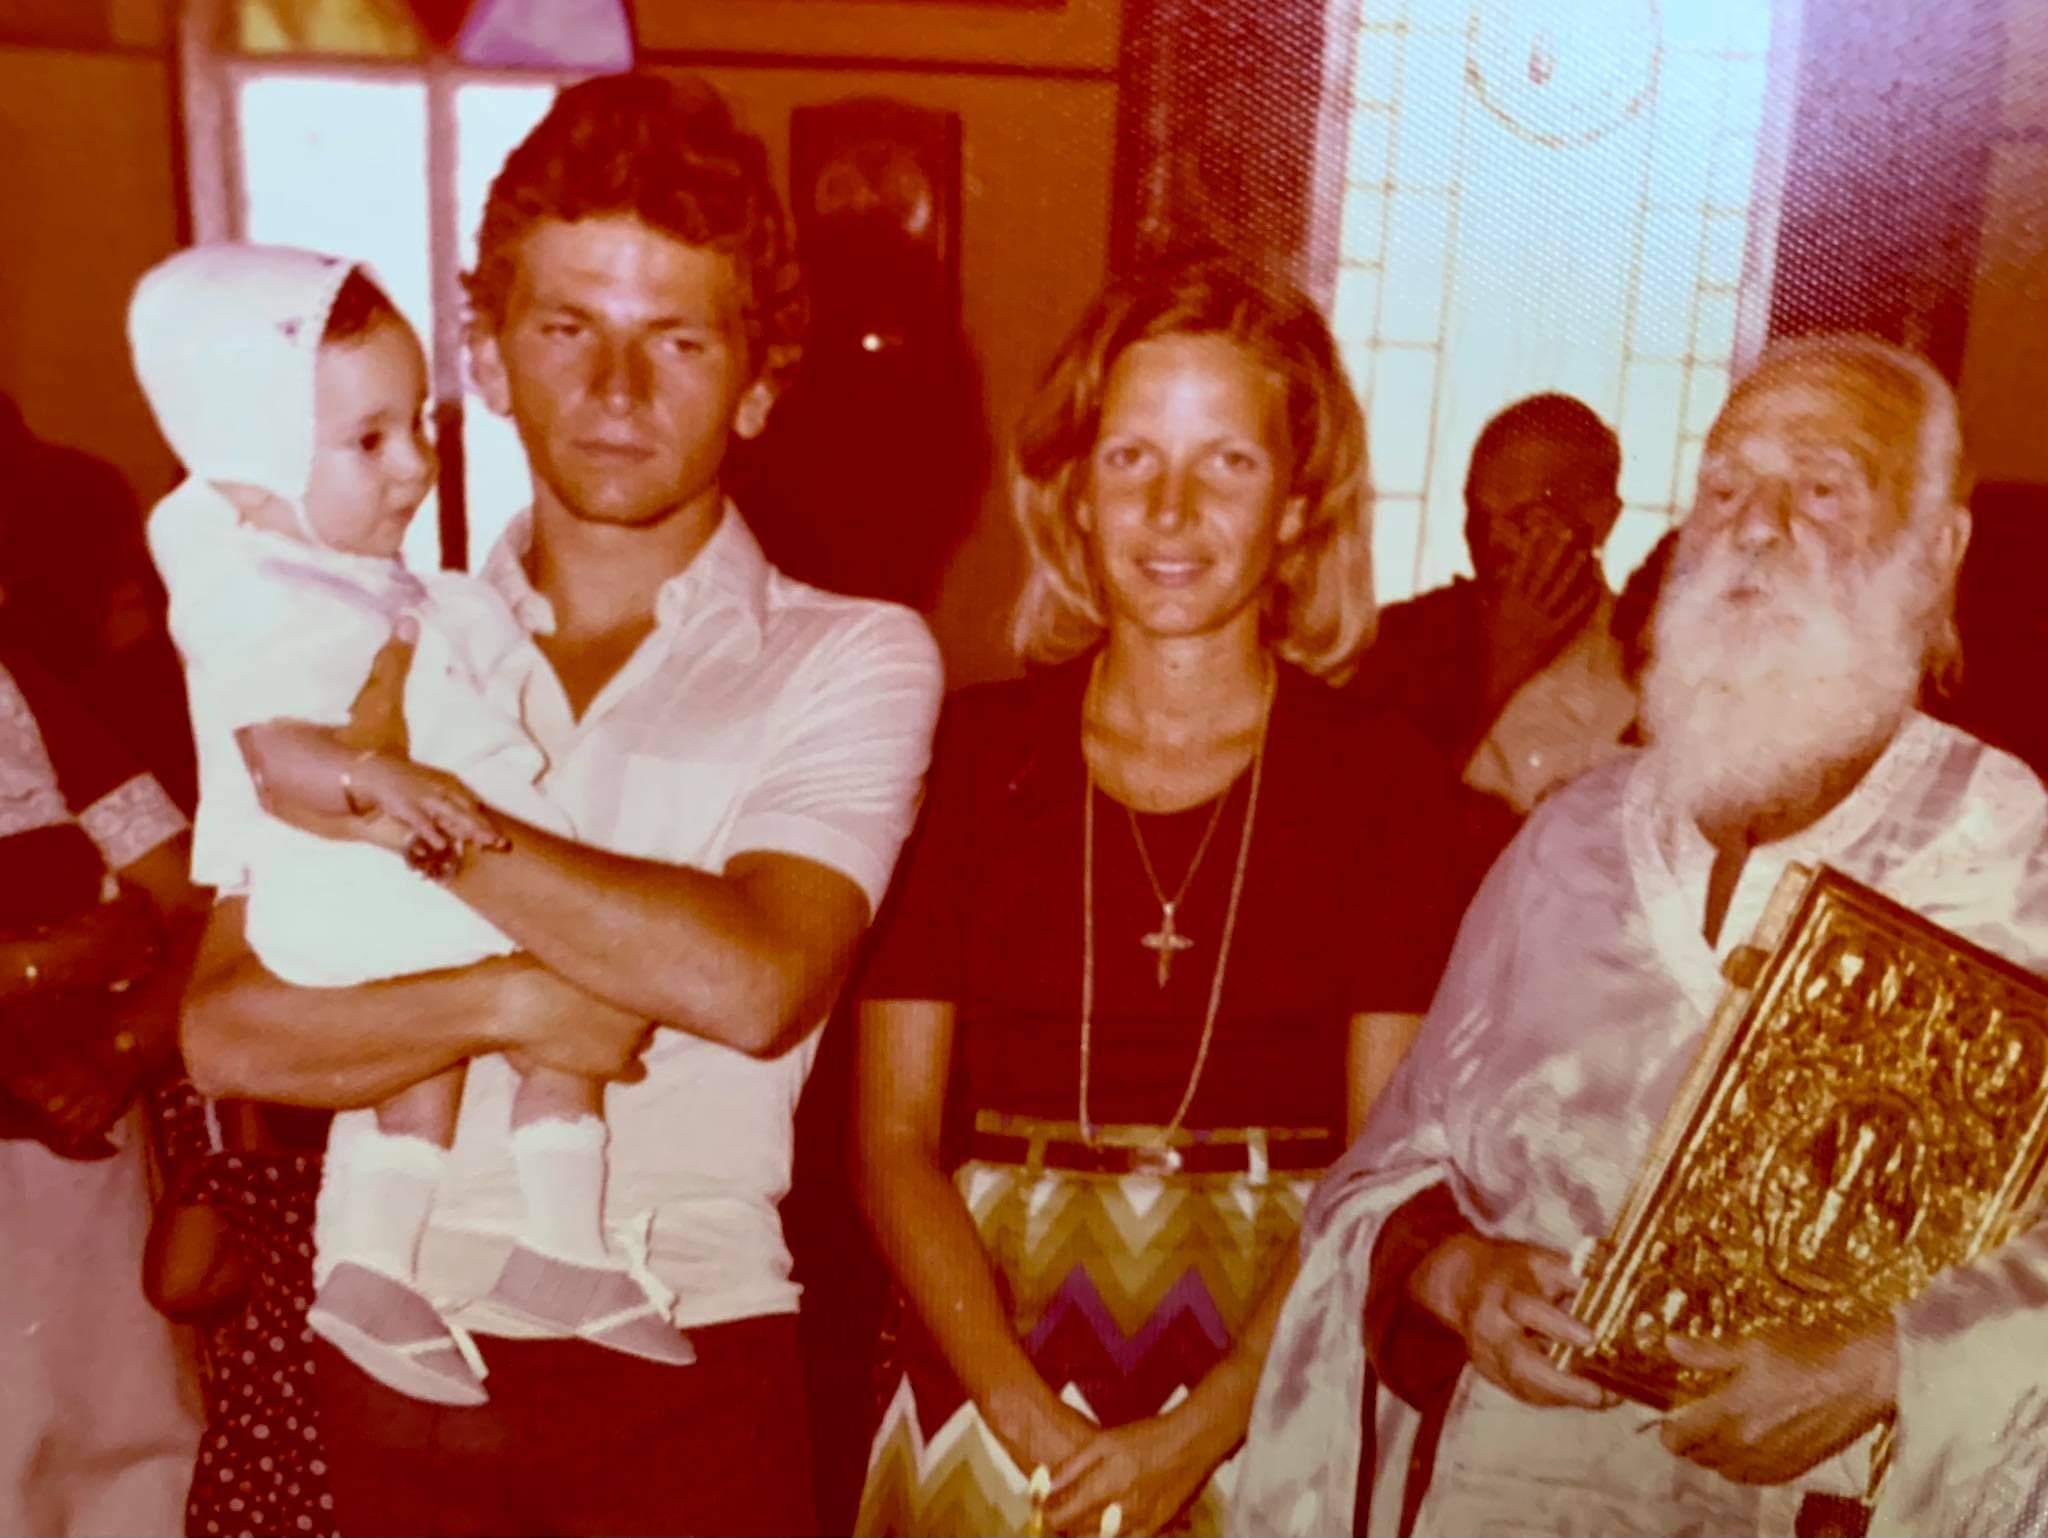 Ο αδελφός του γιατρού Γιώργου Τόλη, Μιχαήλ Μαρμαρινός και η αδελφή του Ρένα Τόλη στην βάπτιση του γιου του Γιάννη Τόλη (1976)